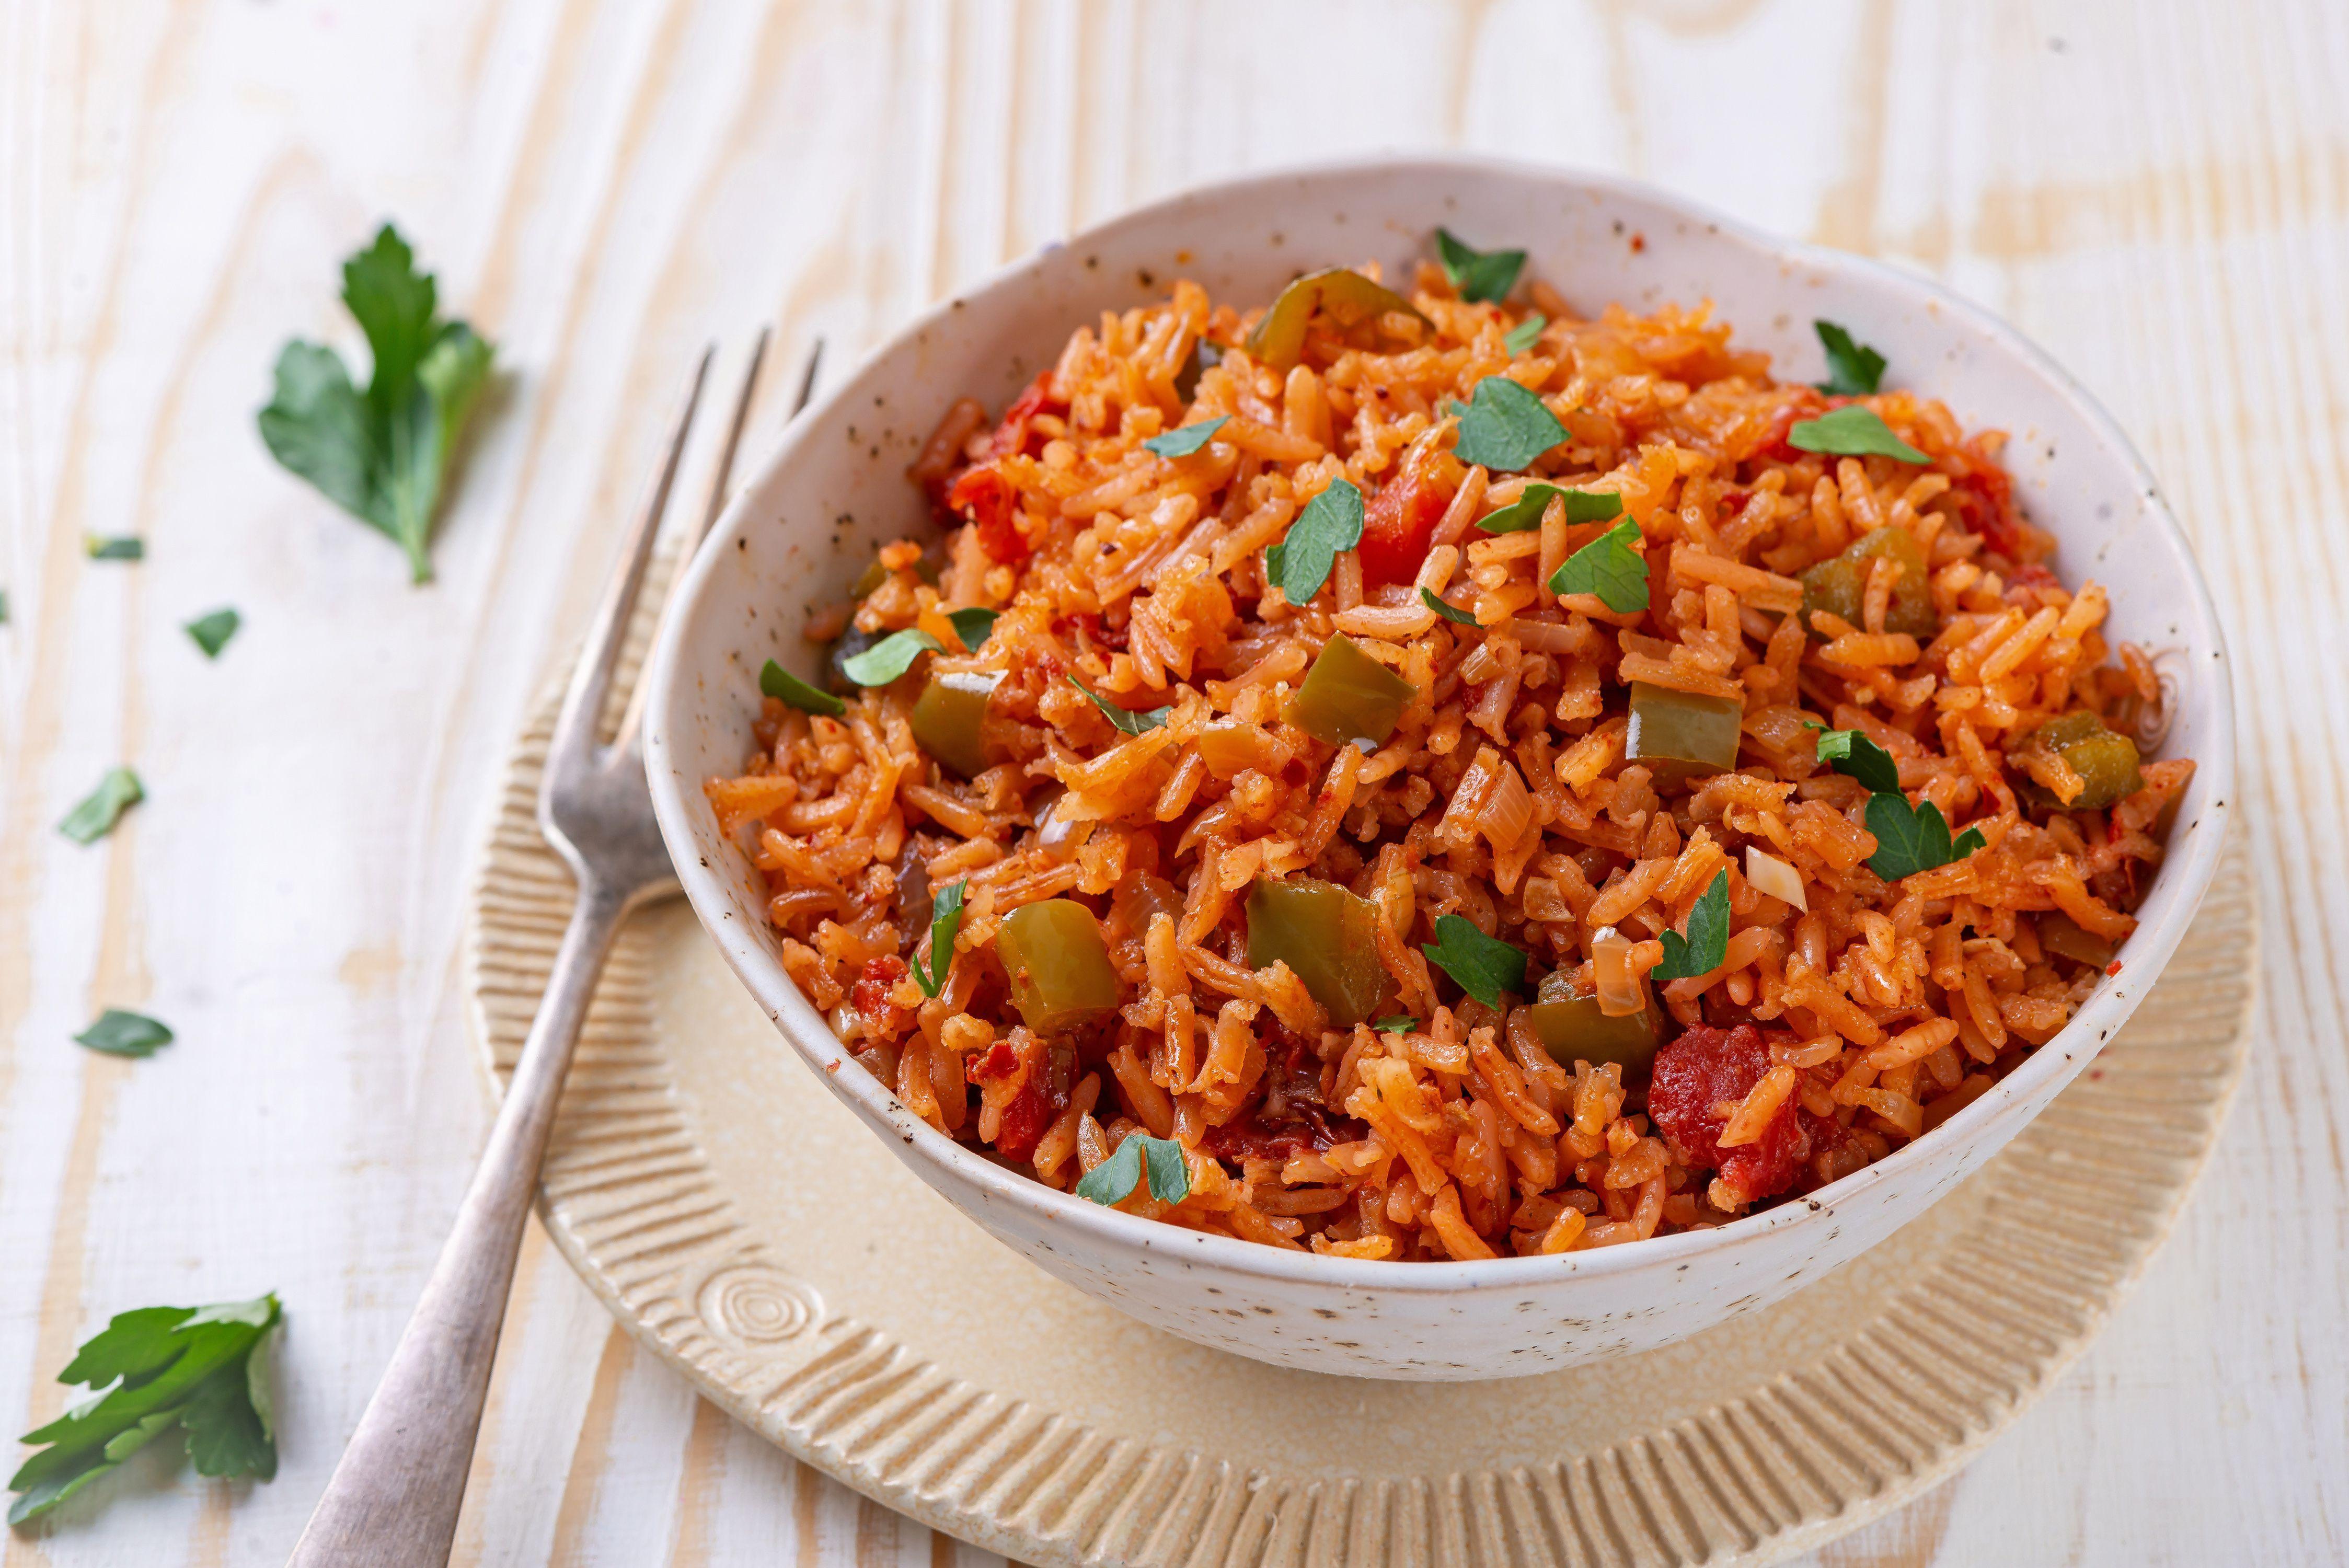 A Simple 5 Step Recipe For Mexican Rice Recipe Leftovers Recipes Pork Recipes Pork Roast